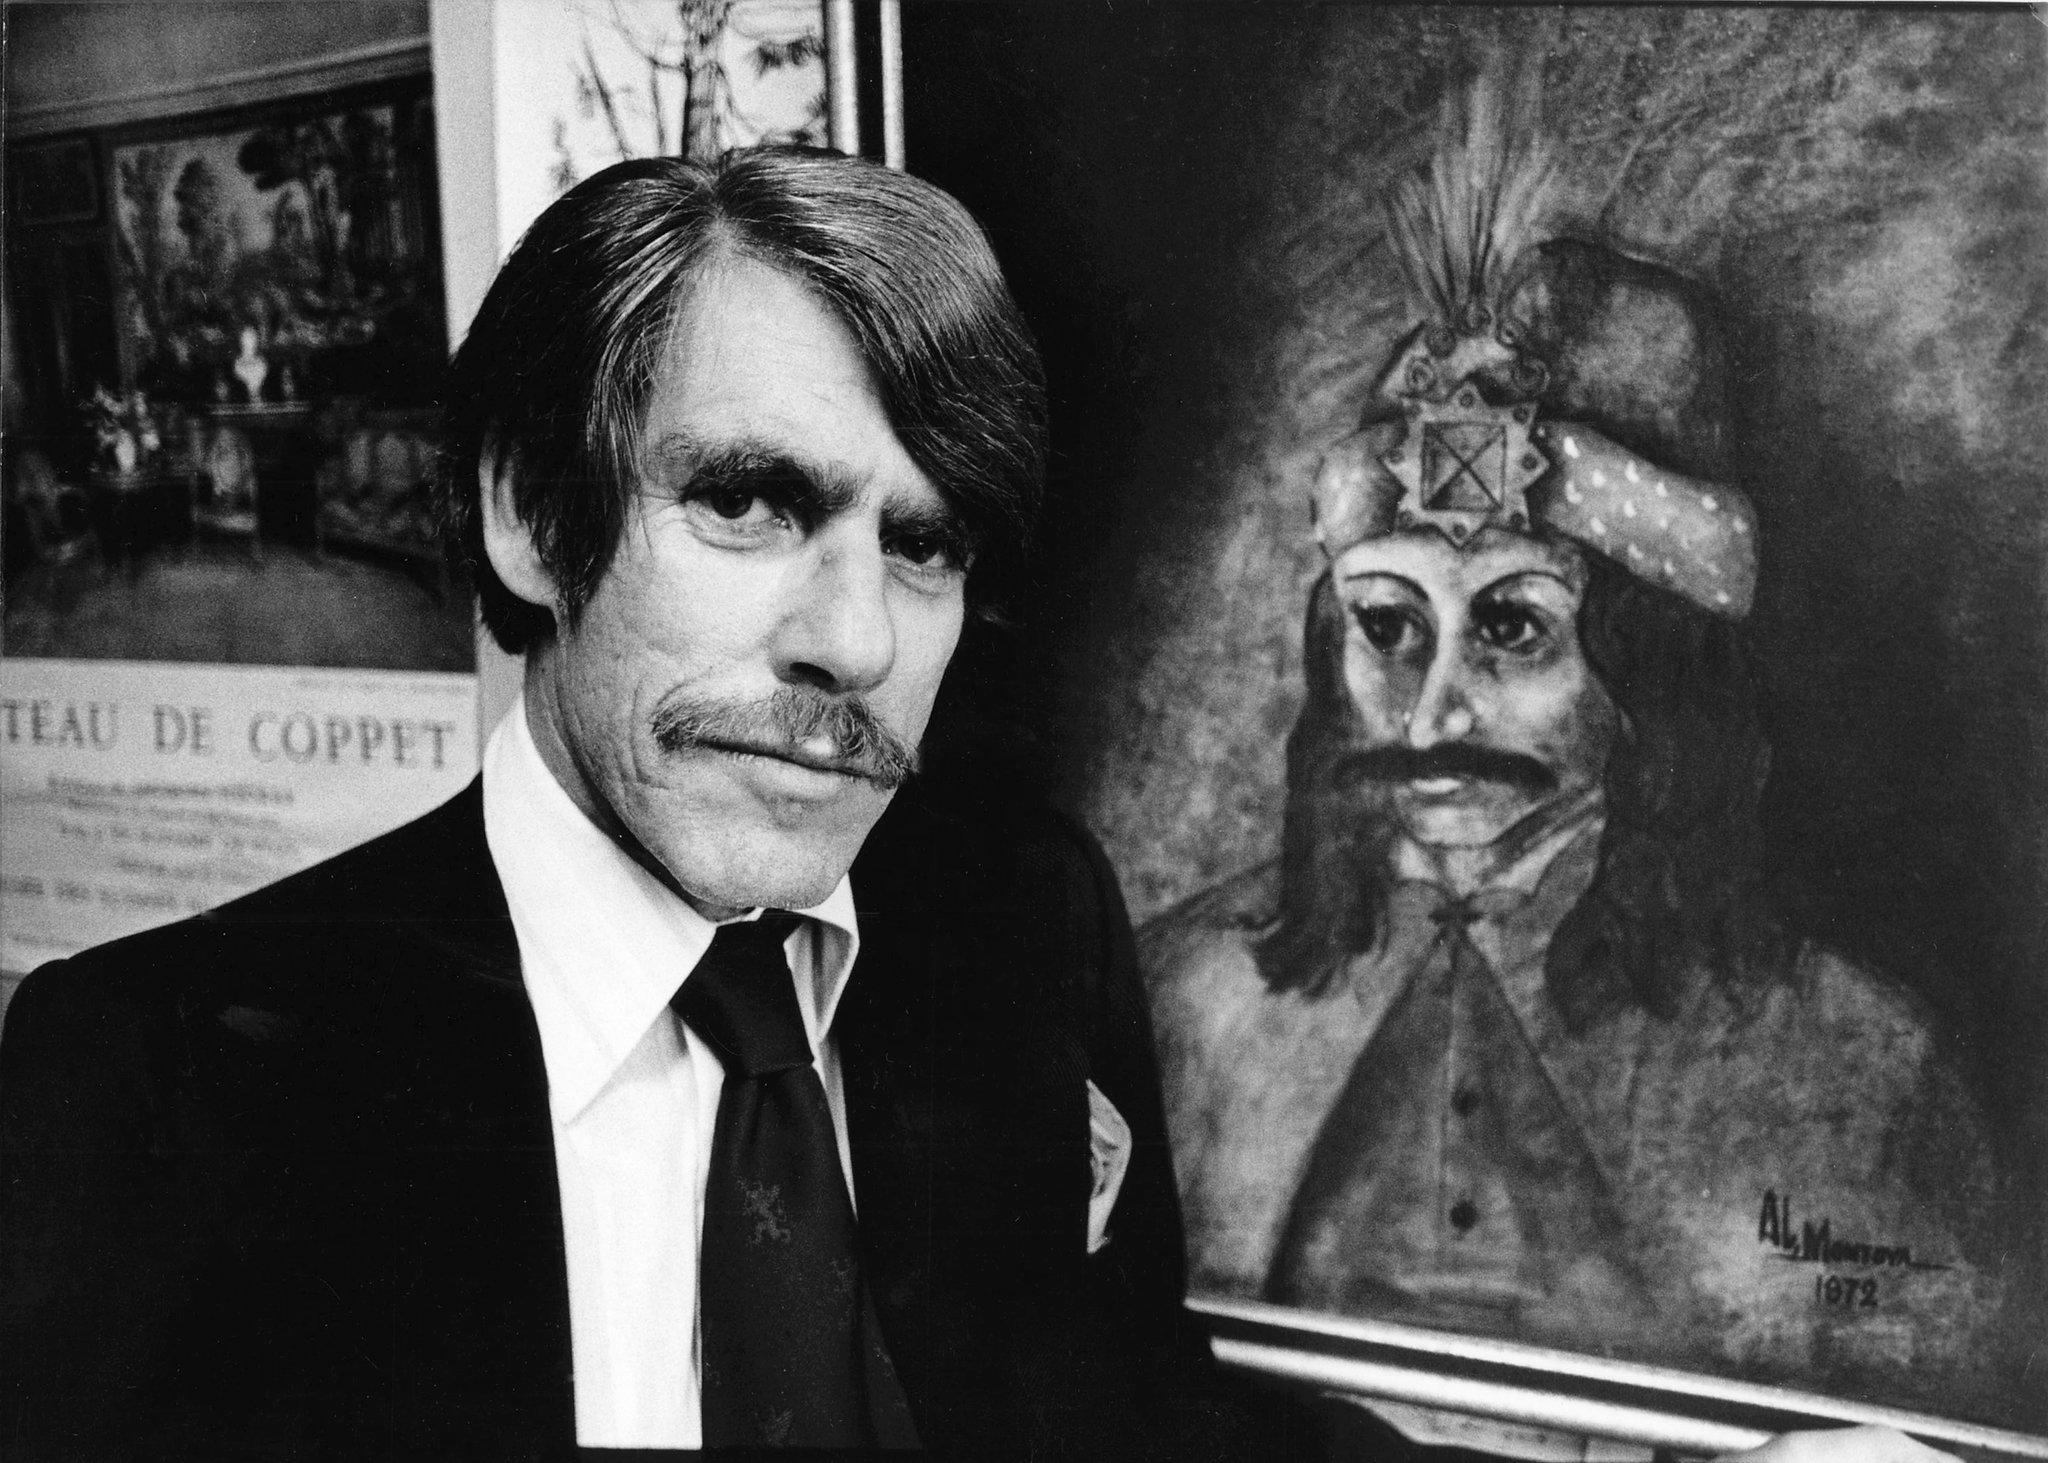 Na foto: O professor e historiador Radu Florescu em 1975 ao lado de um retrato de Vlad Drácula.